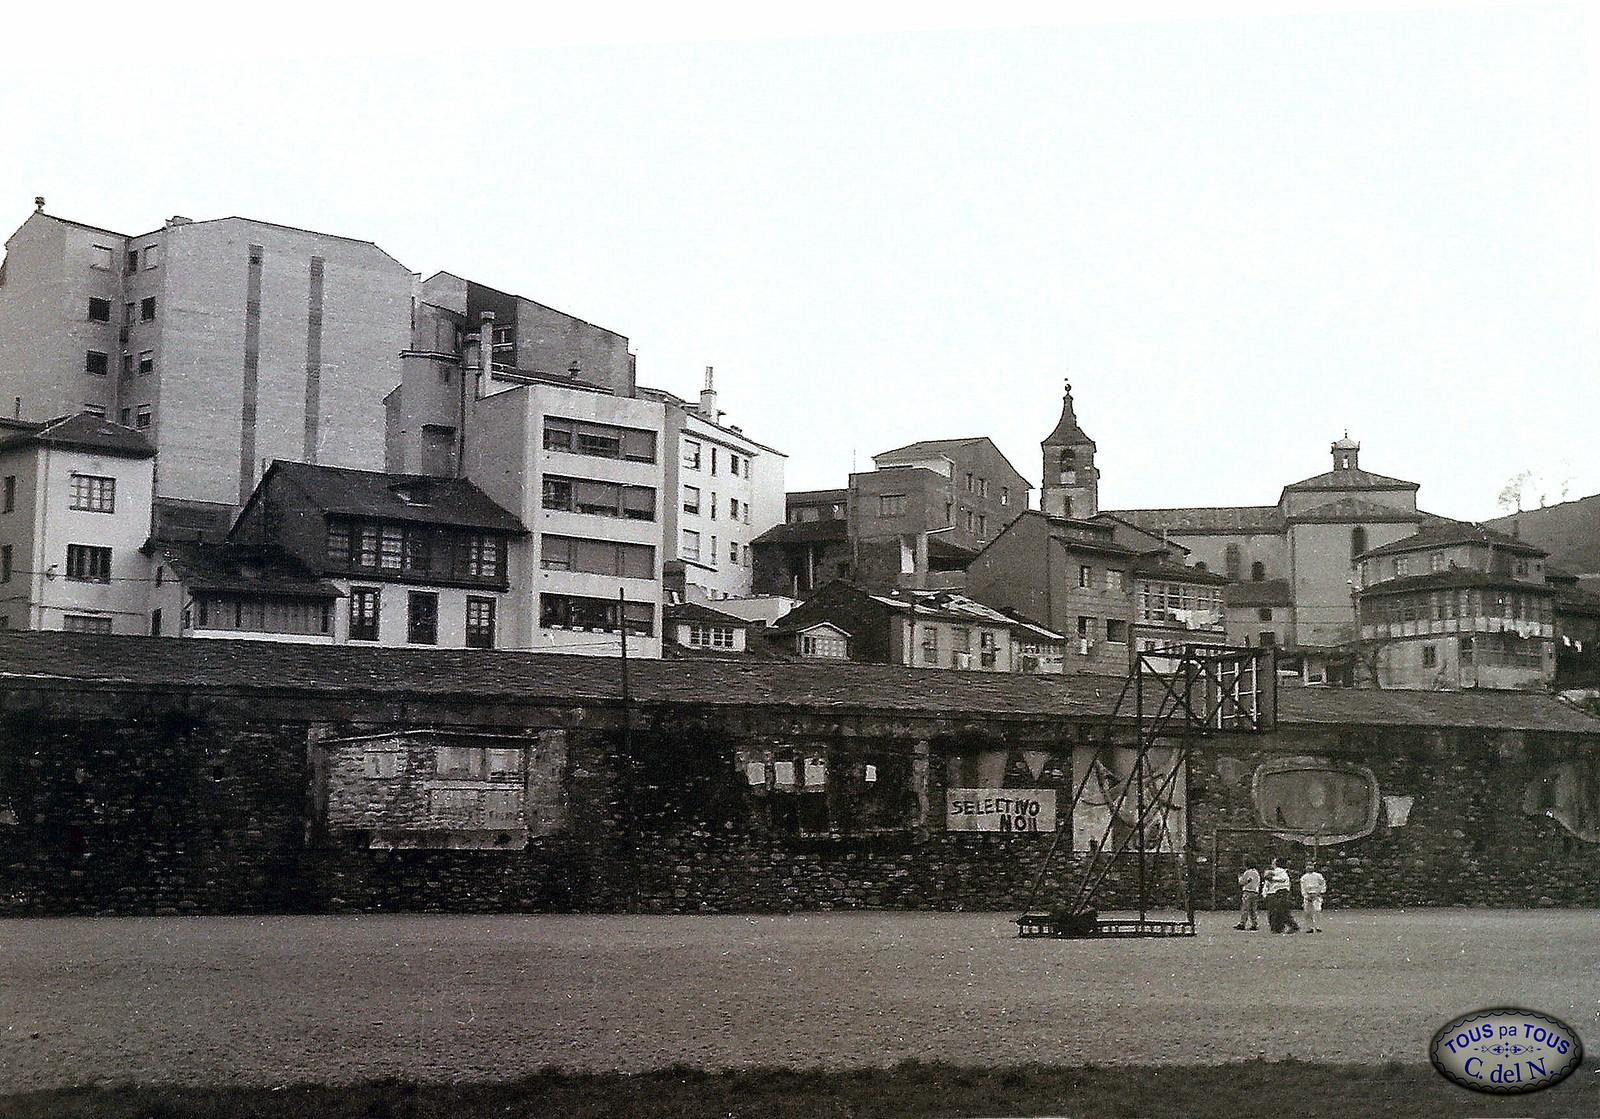 1985 - Campo de La Vega